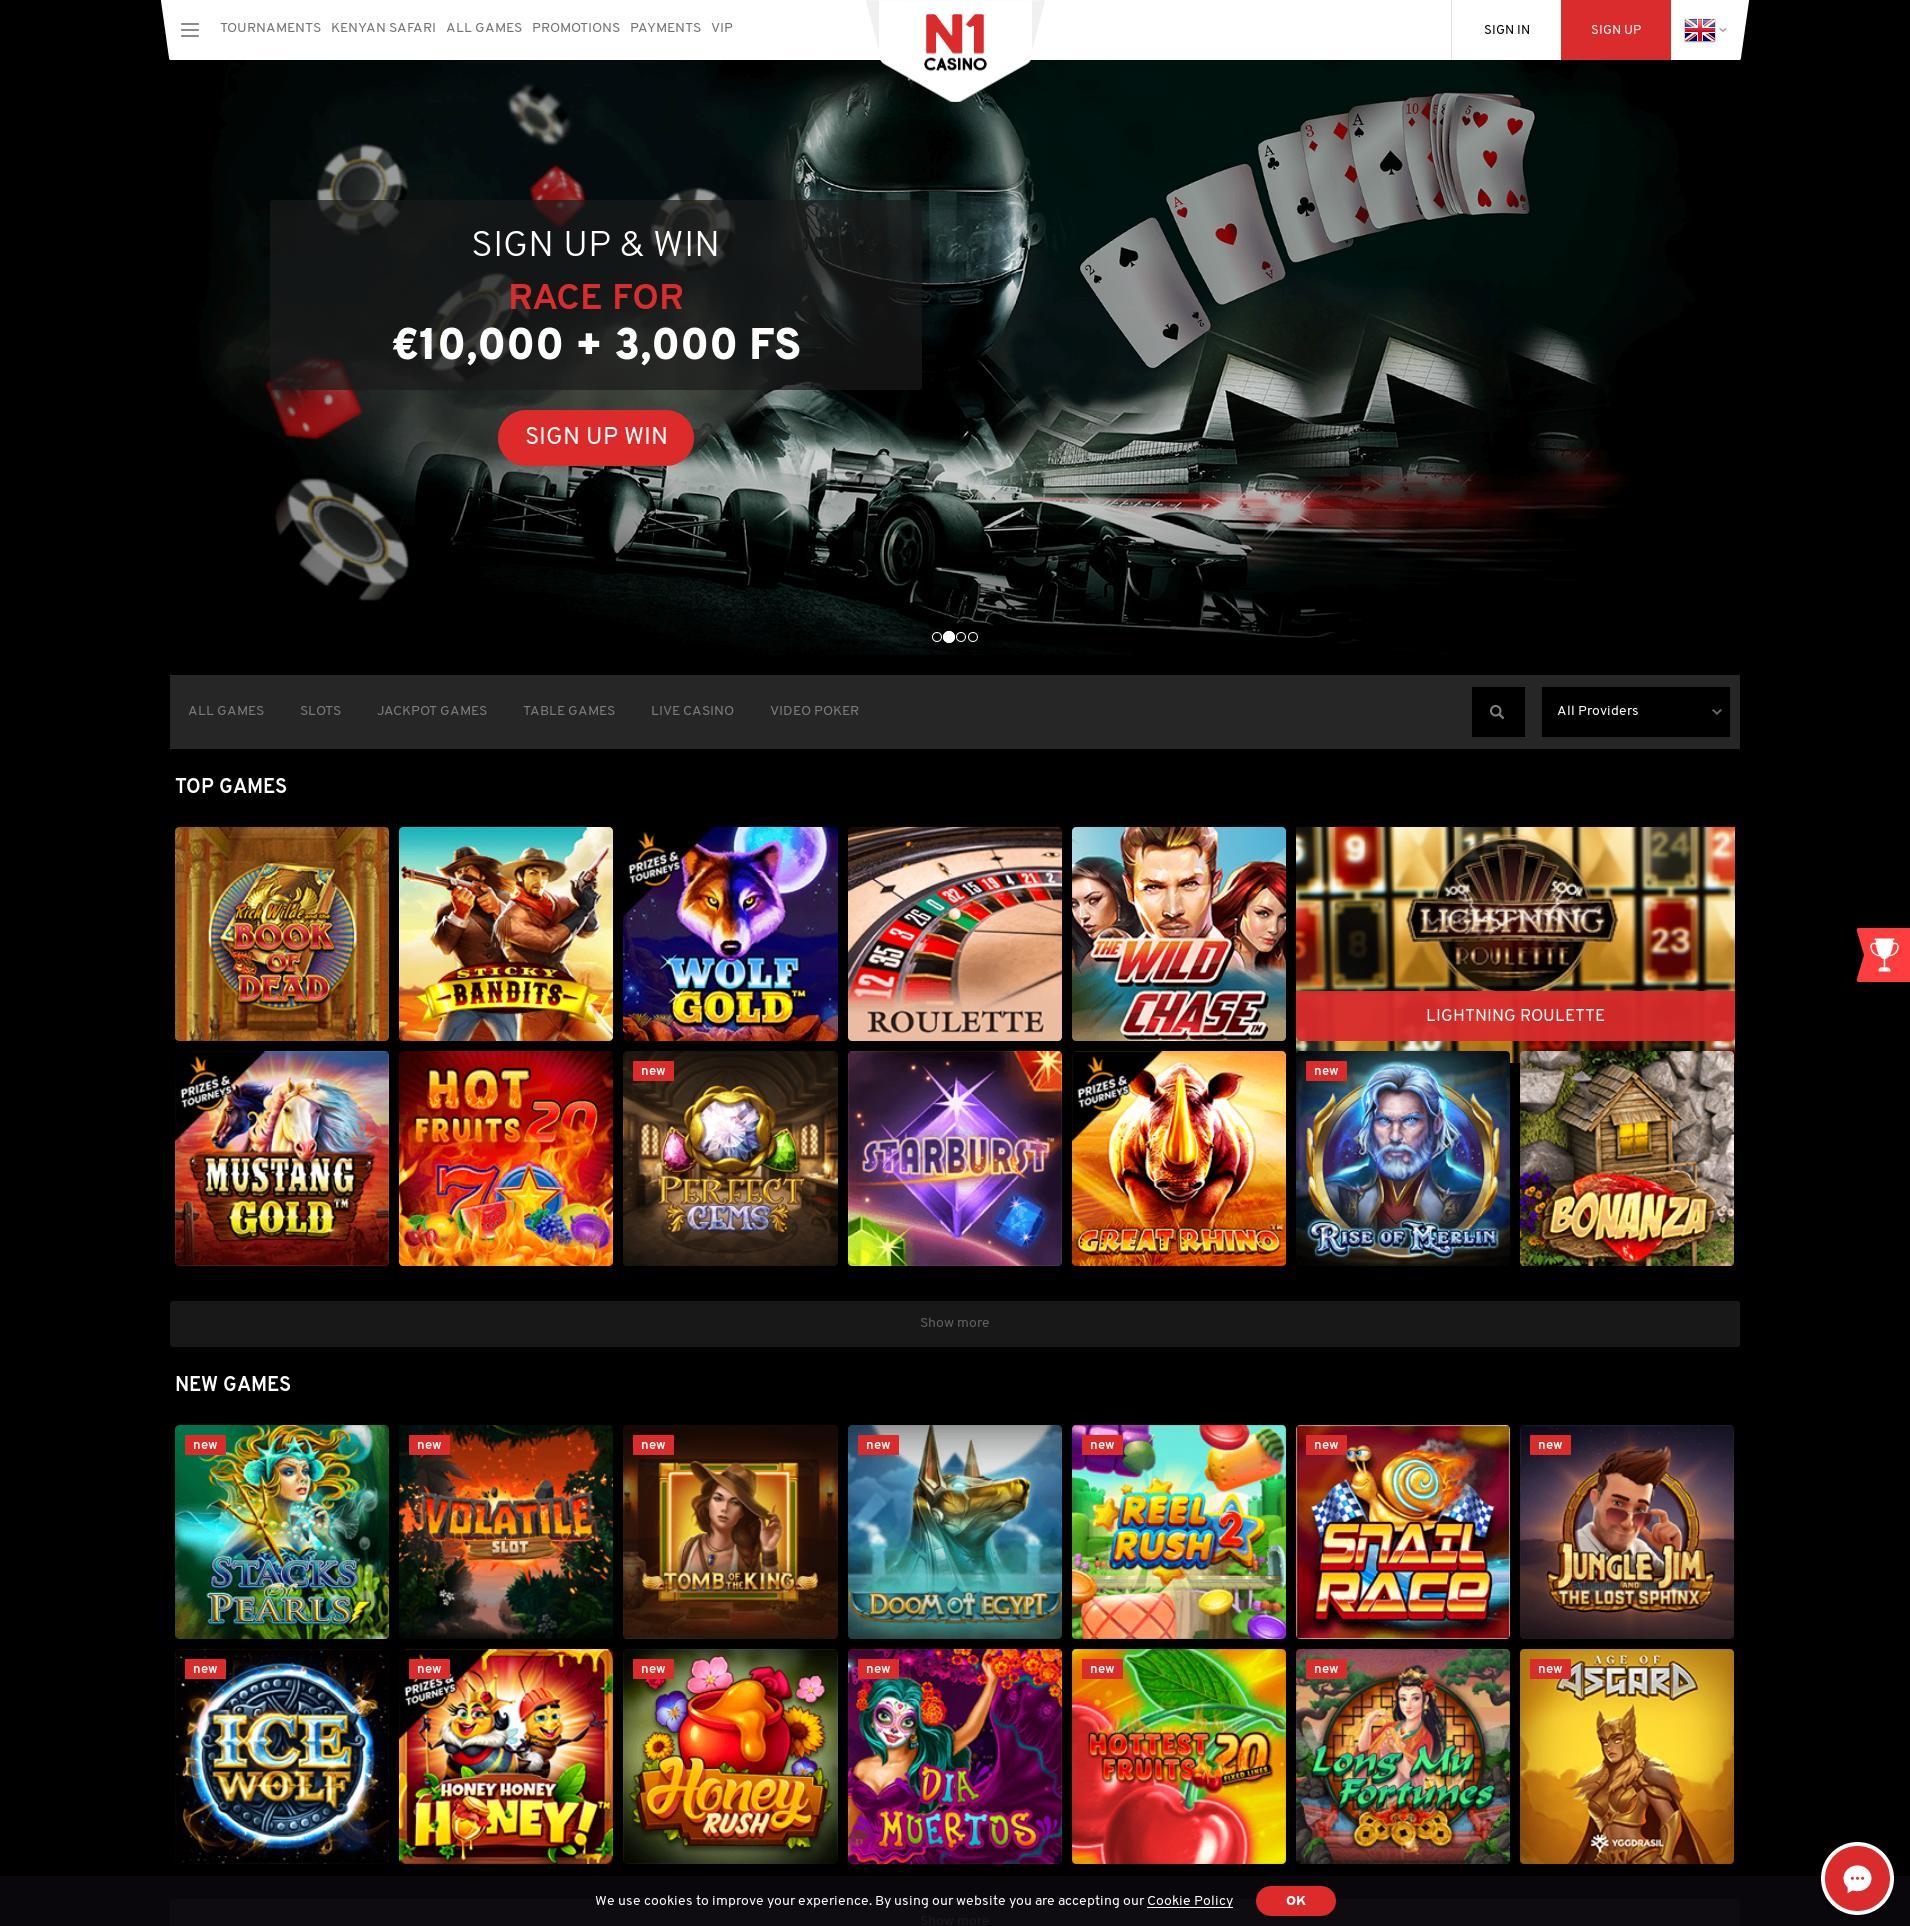 Casino scherm Lobby 2019-11-12 voor Nederland